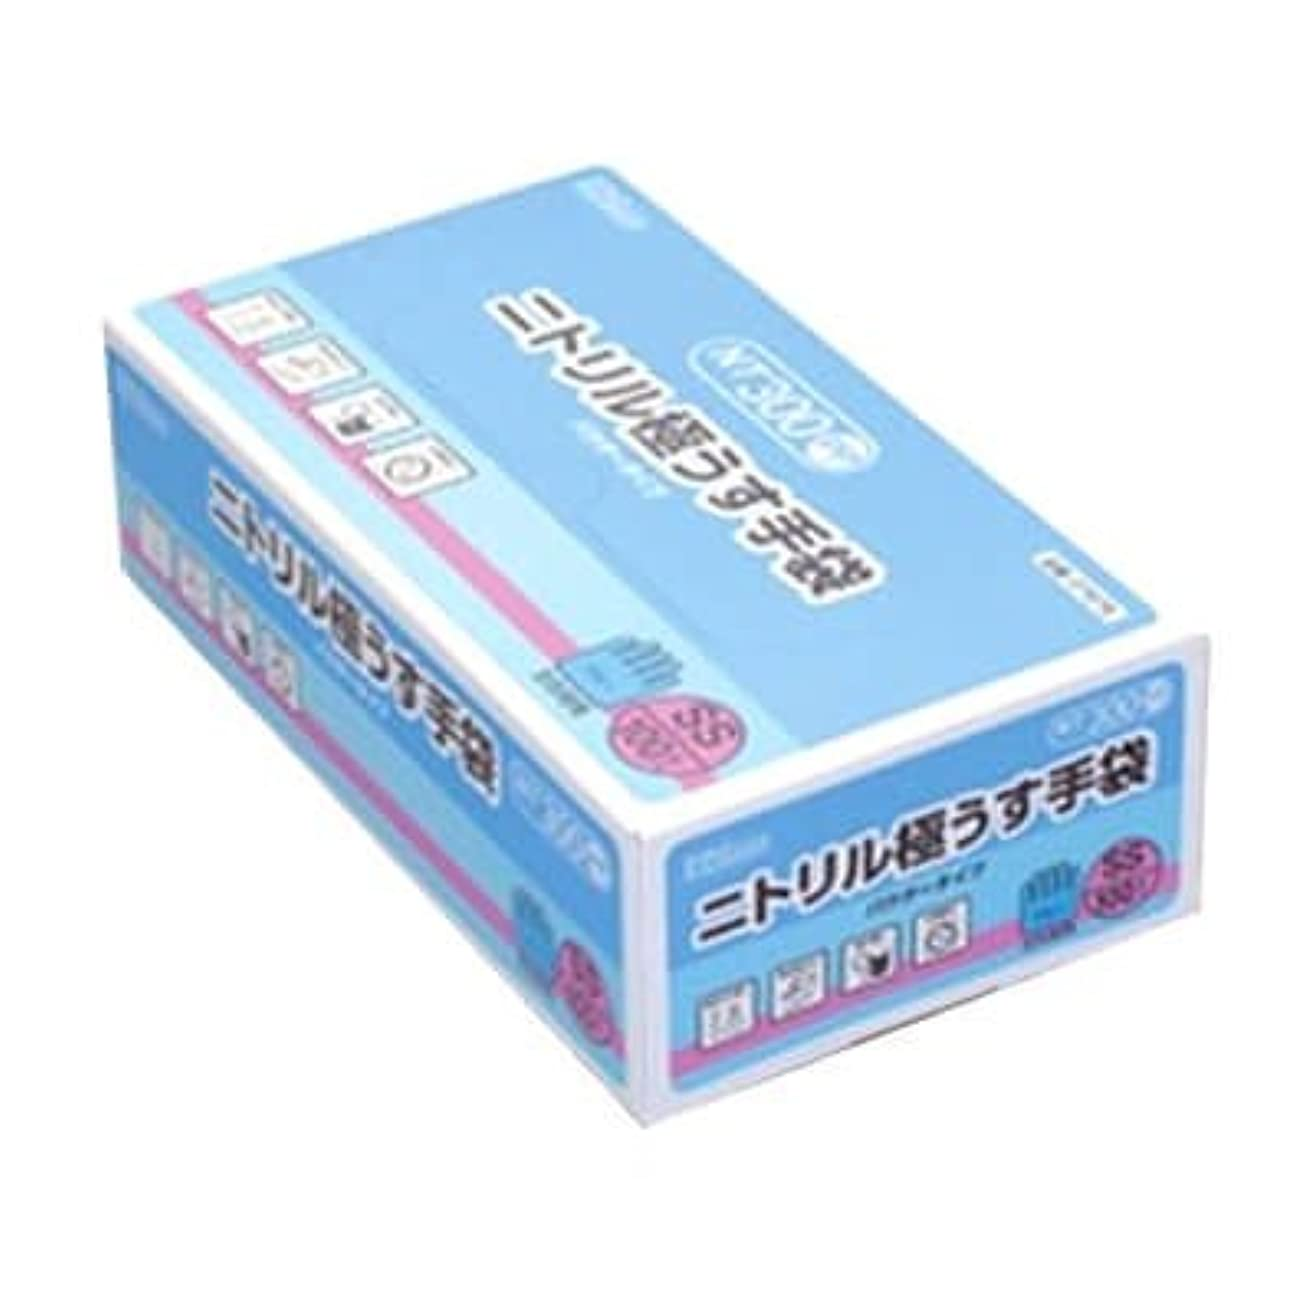 忌まわしい極めて古風な【ケース販売】 ダンロップ ニトリル極うす手袋 粉付 SS ブルー NT-300 (100枚入×20箱)